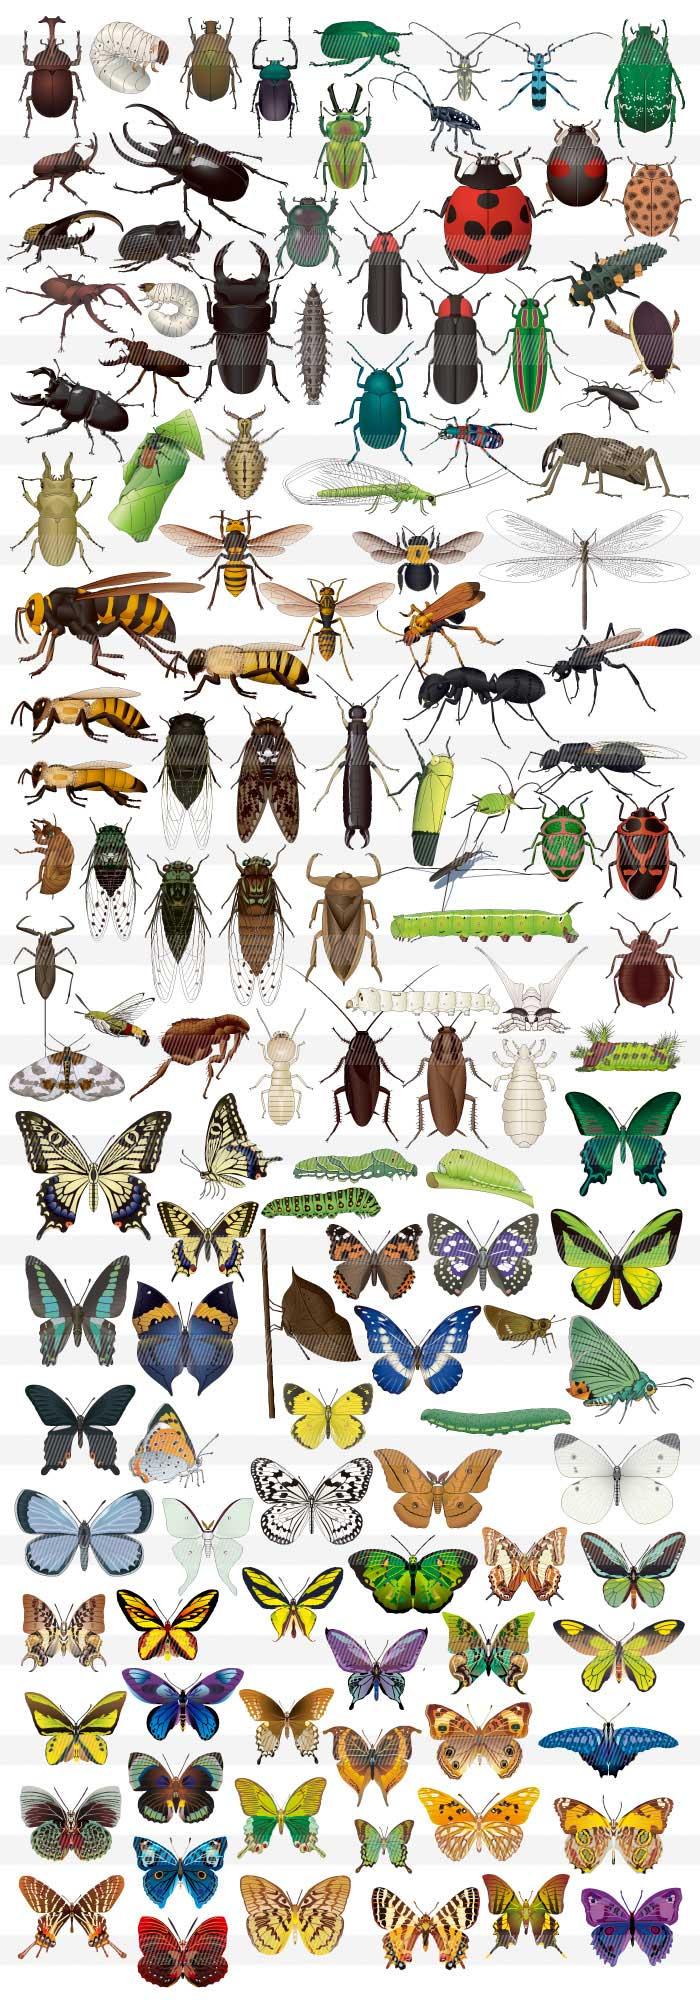 すべての折り紙 折り紙 購入 : リアル昆虫のイラスト|商用OK ...